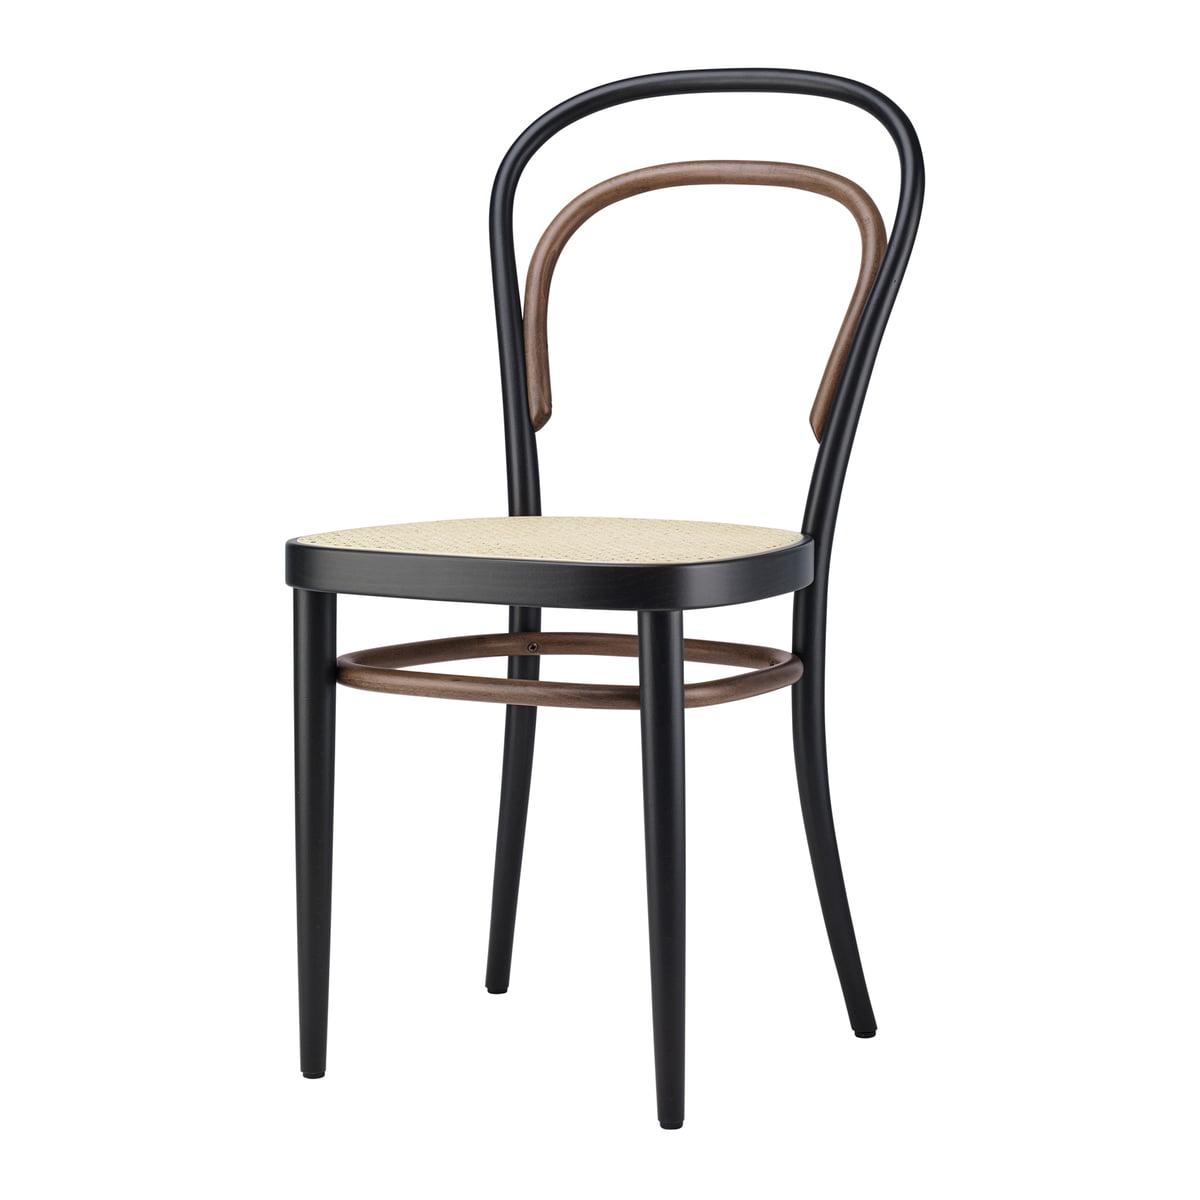 Thonet 214 bug houten stoel, riet geweven met kunststof steunstof beuken tweekleurig zwart (speciale uitvoering)